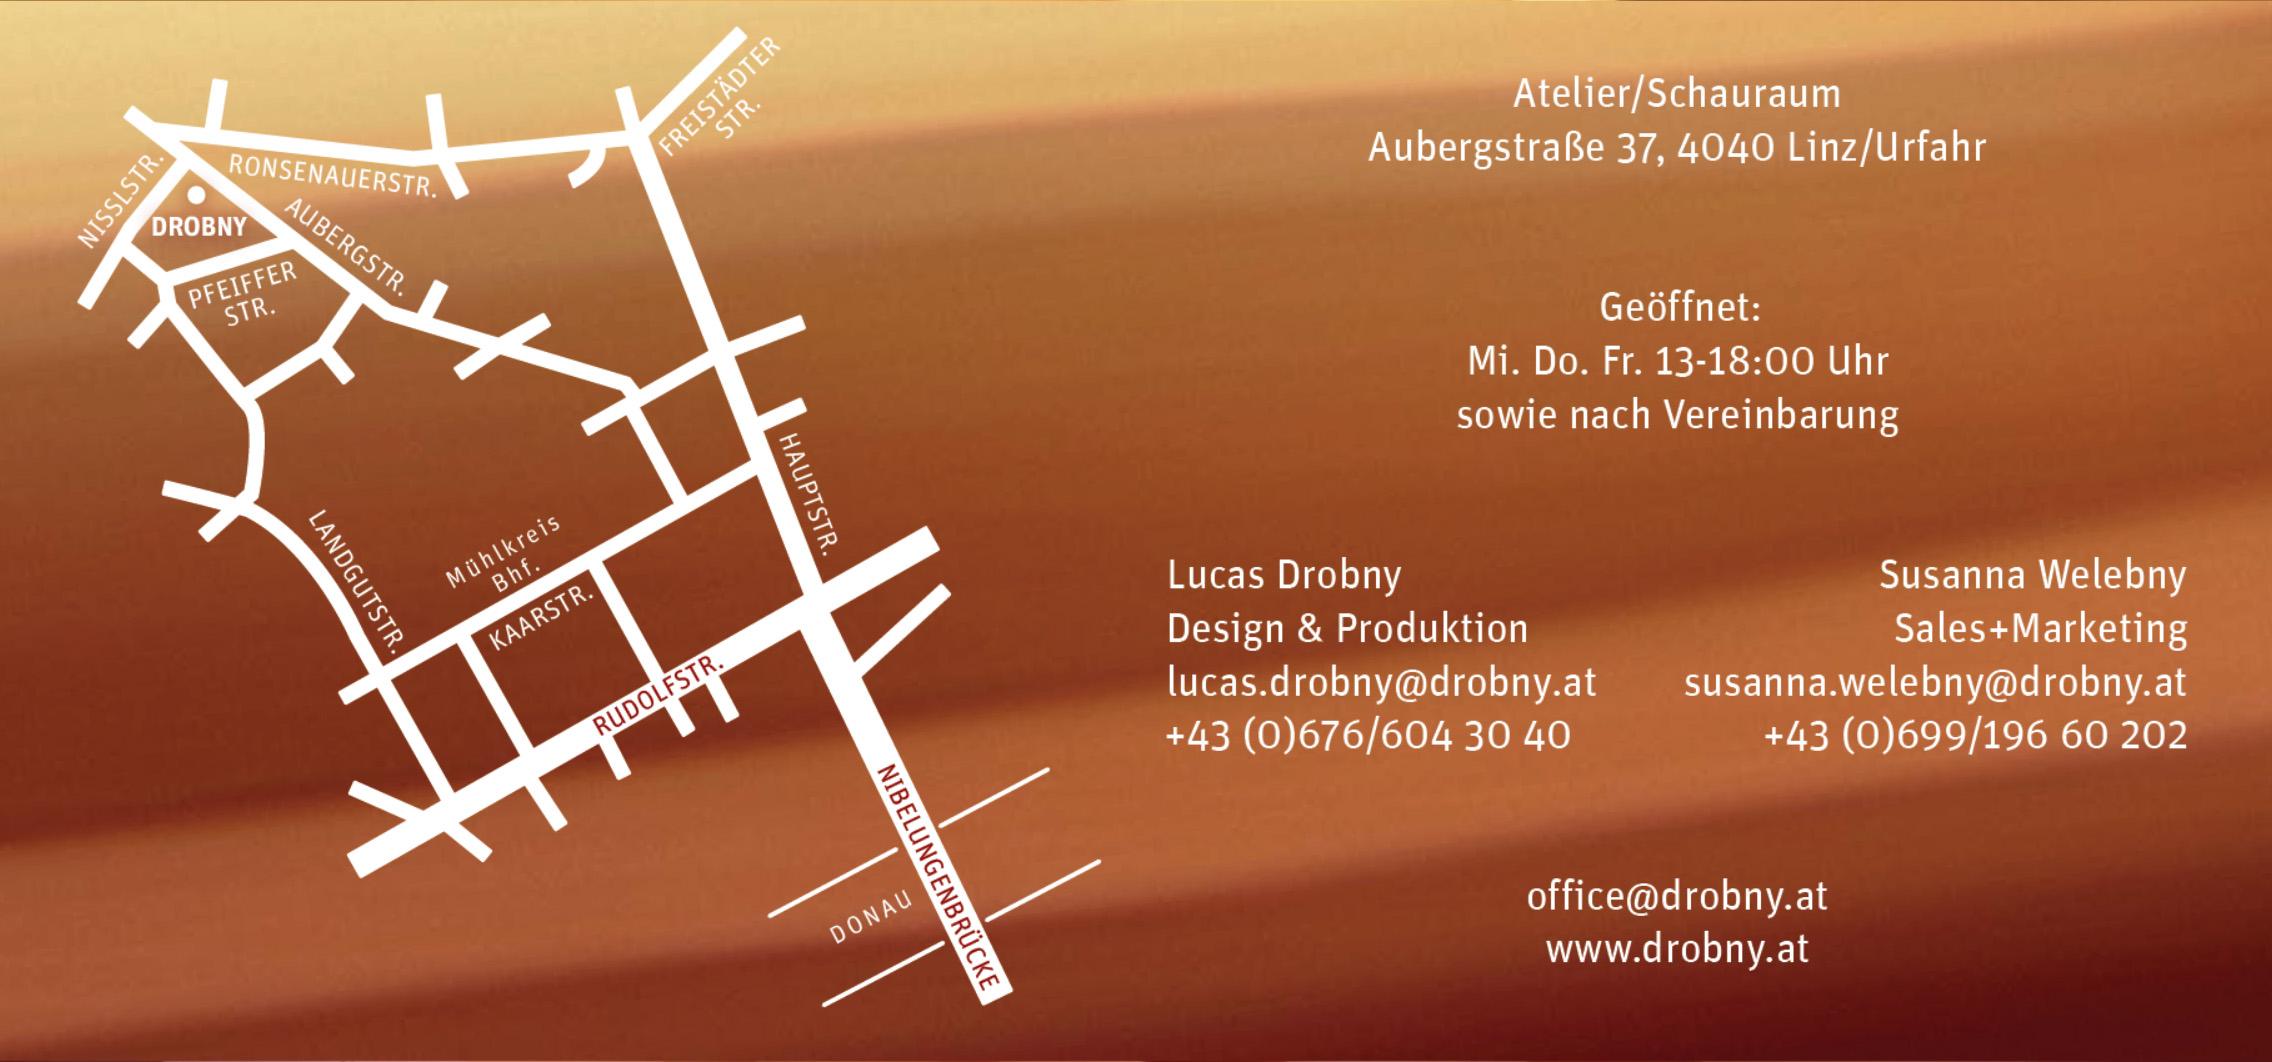 drobny-einladung-prsesentation-03